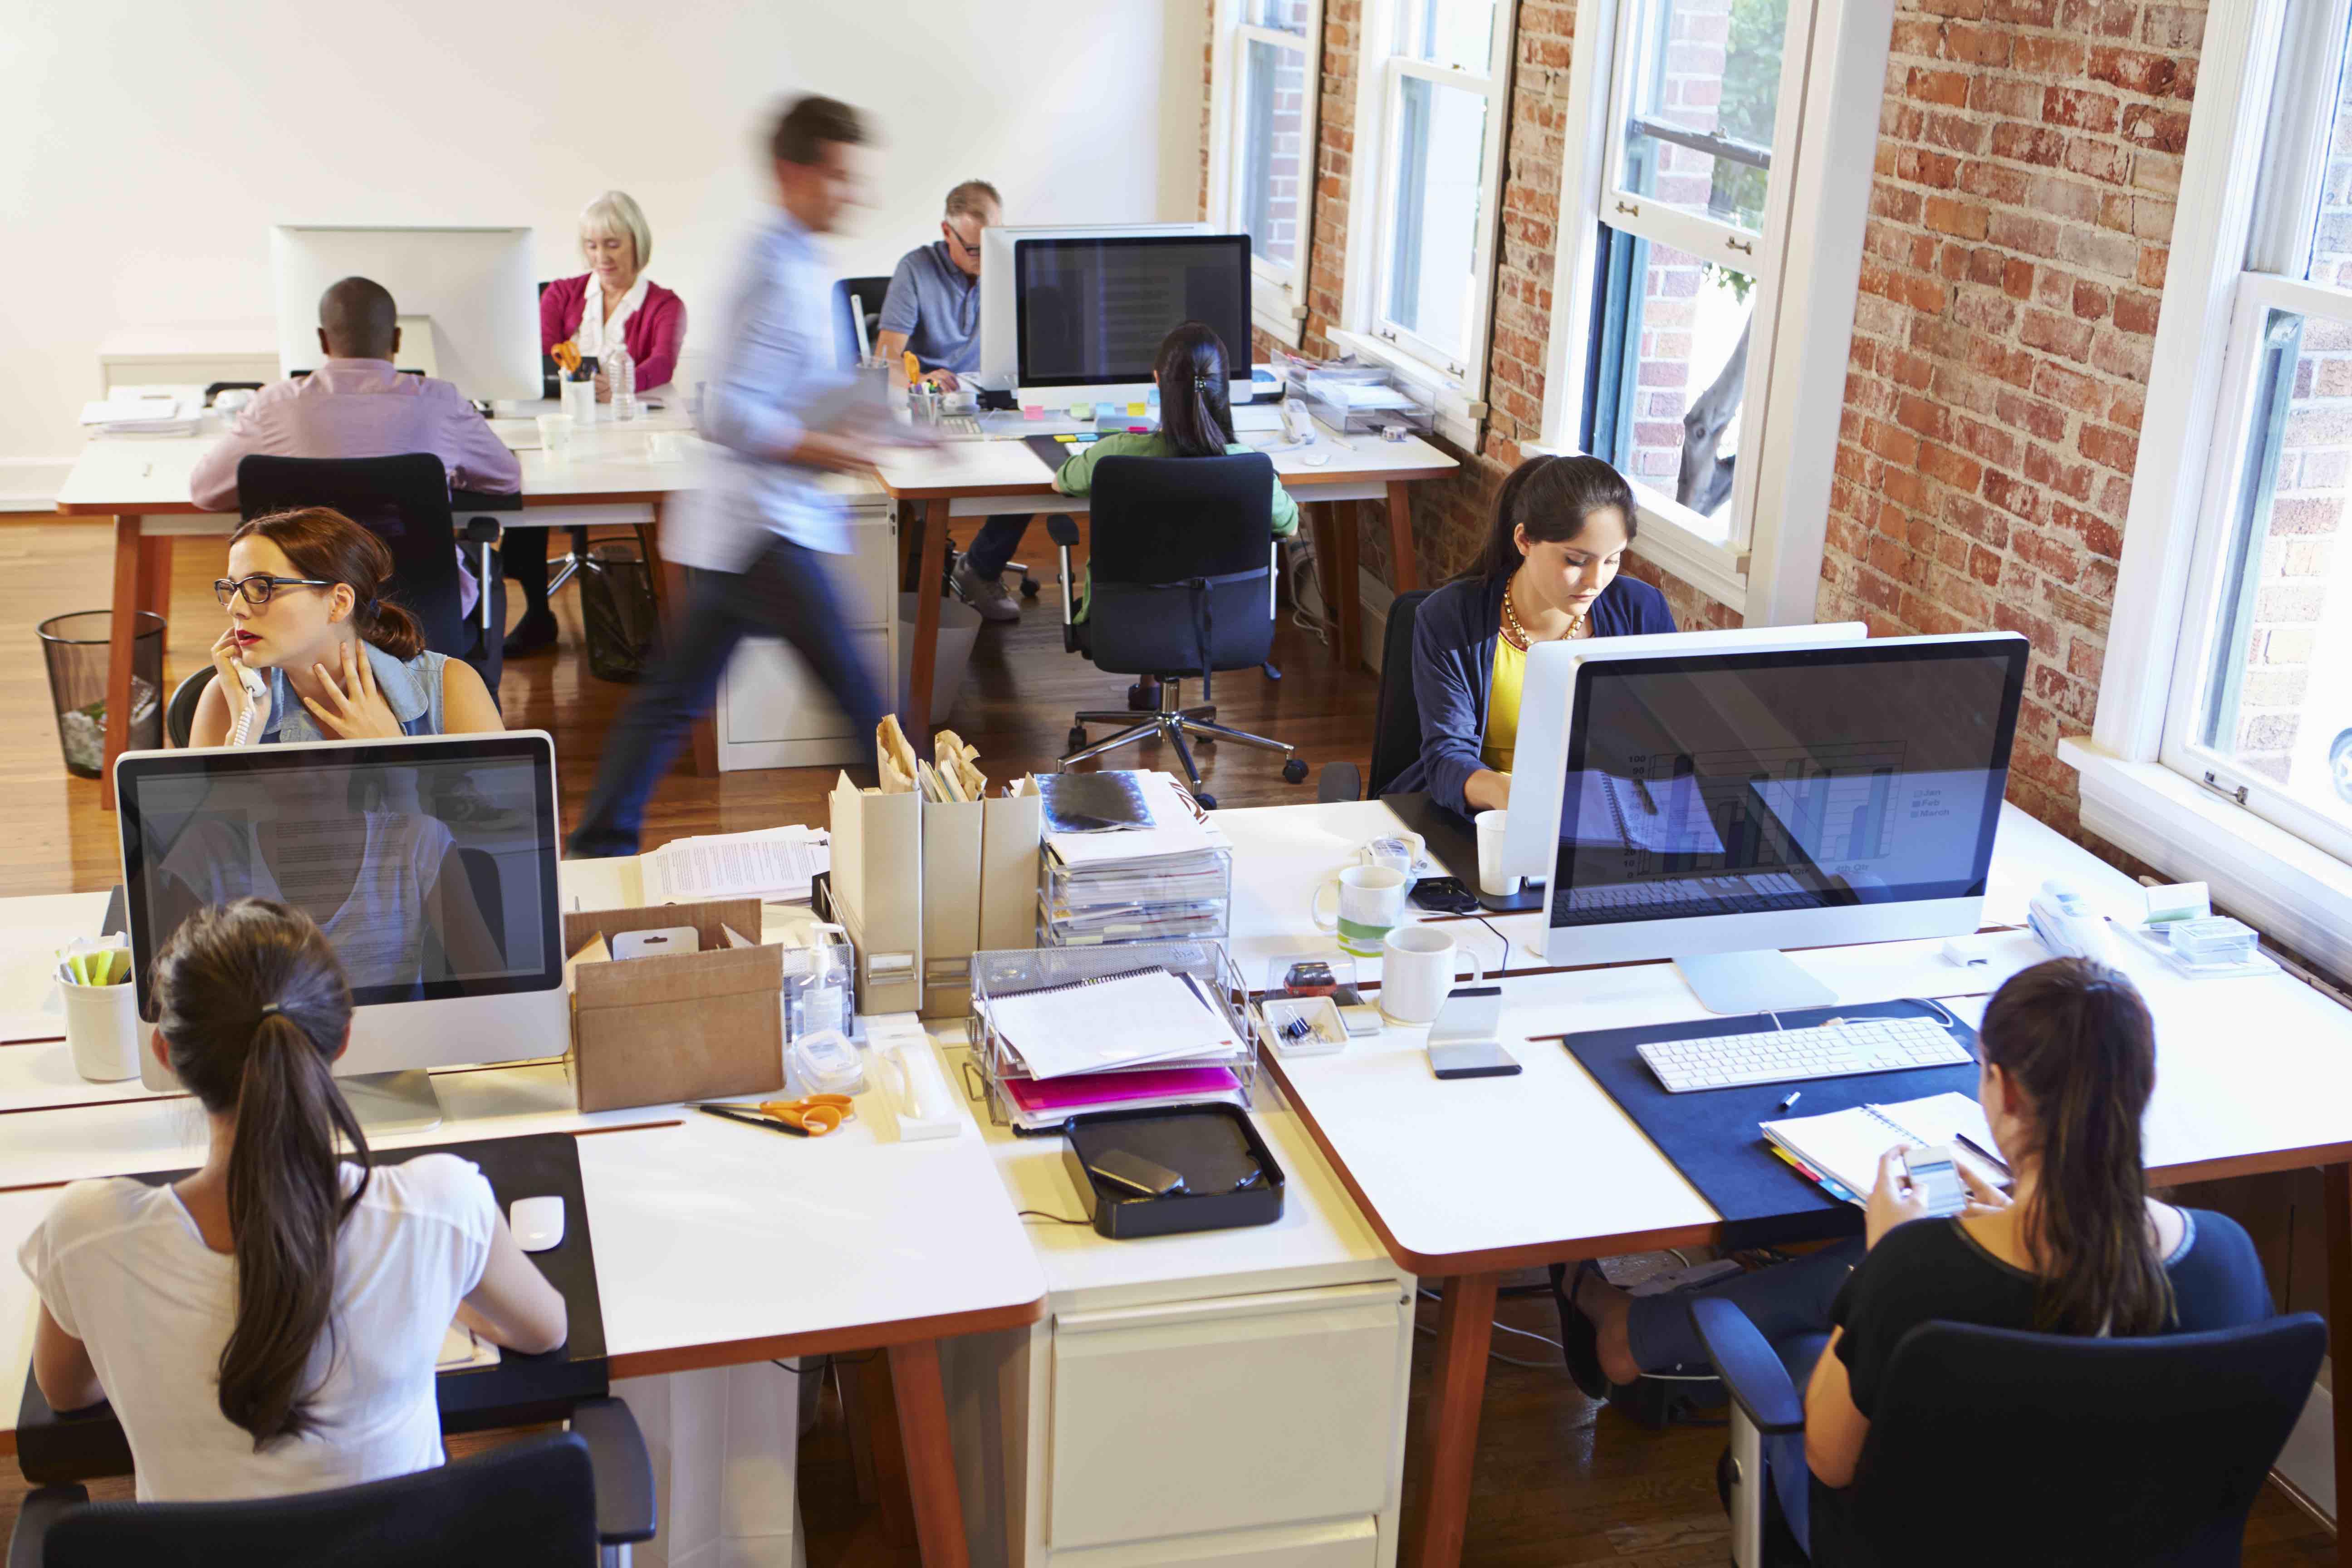 أهم المهارات التي يجب إكتسابها للصمود في بيئات العمل المختلفة